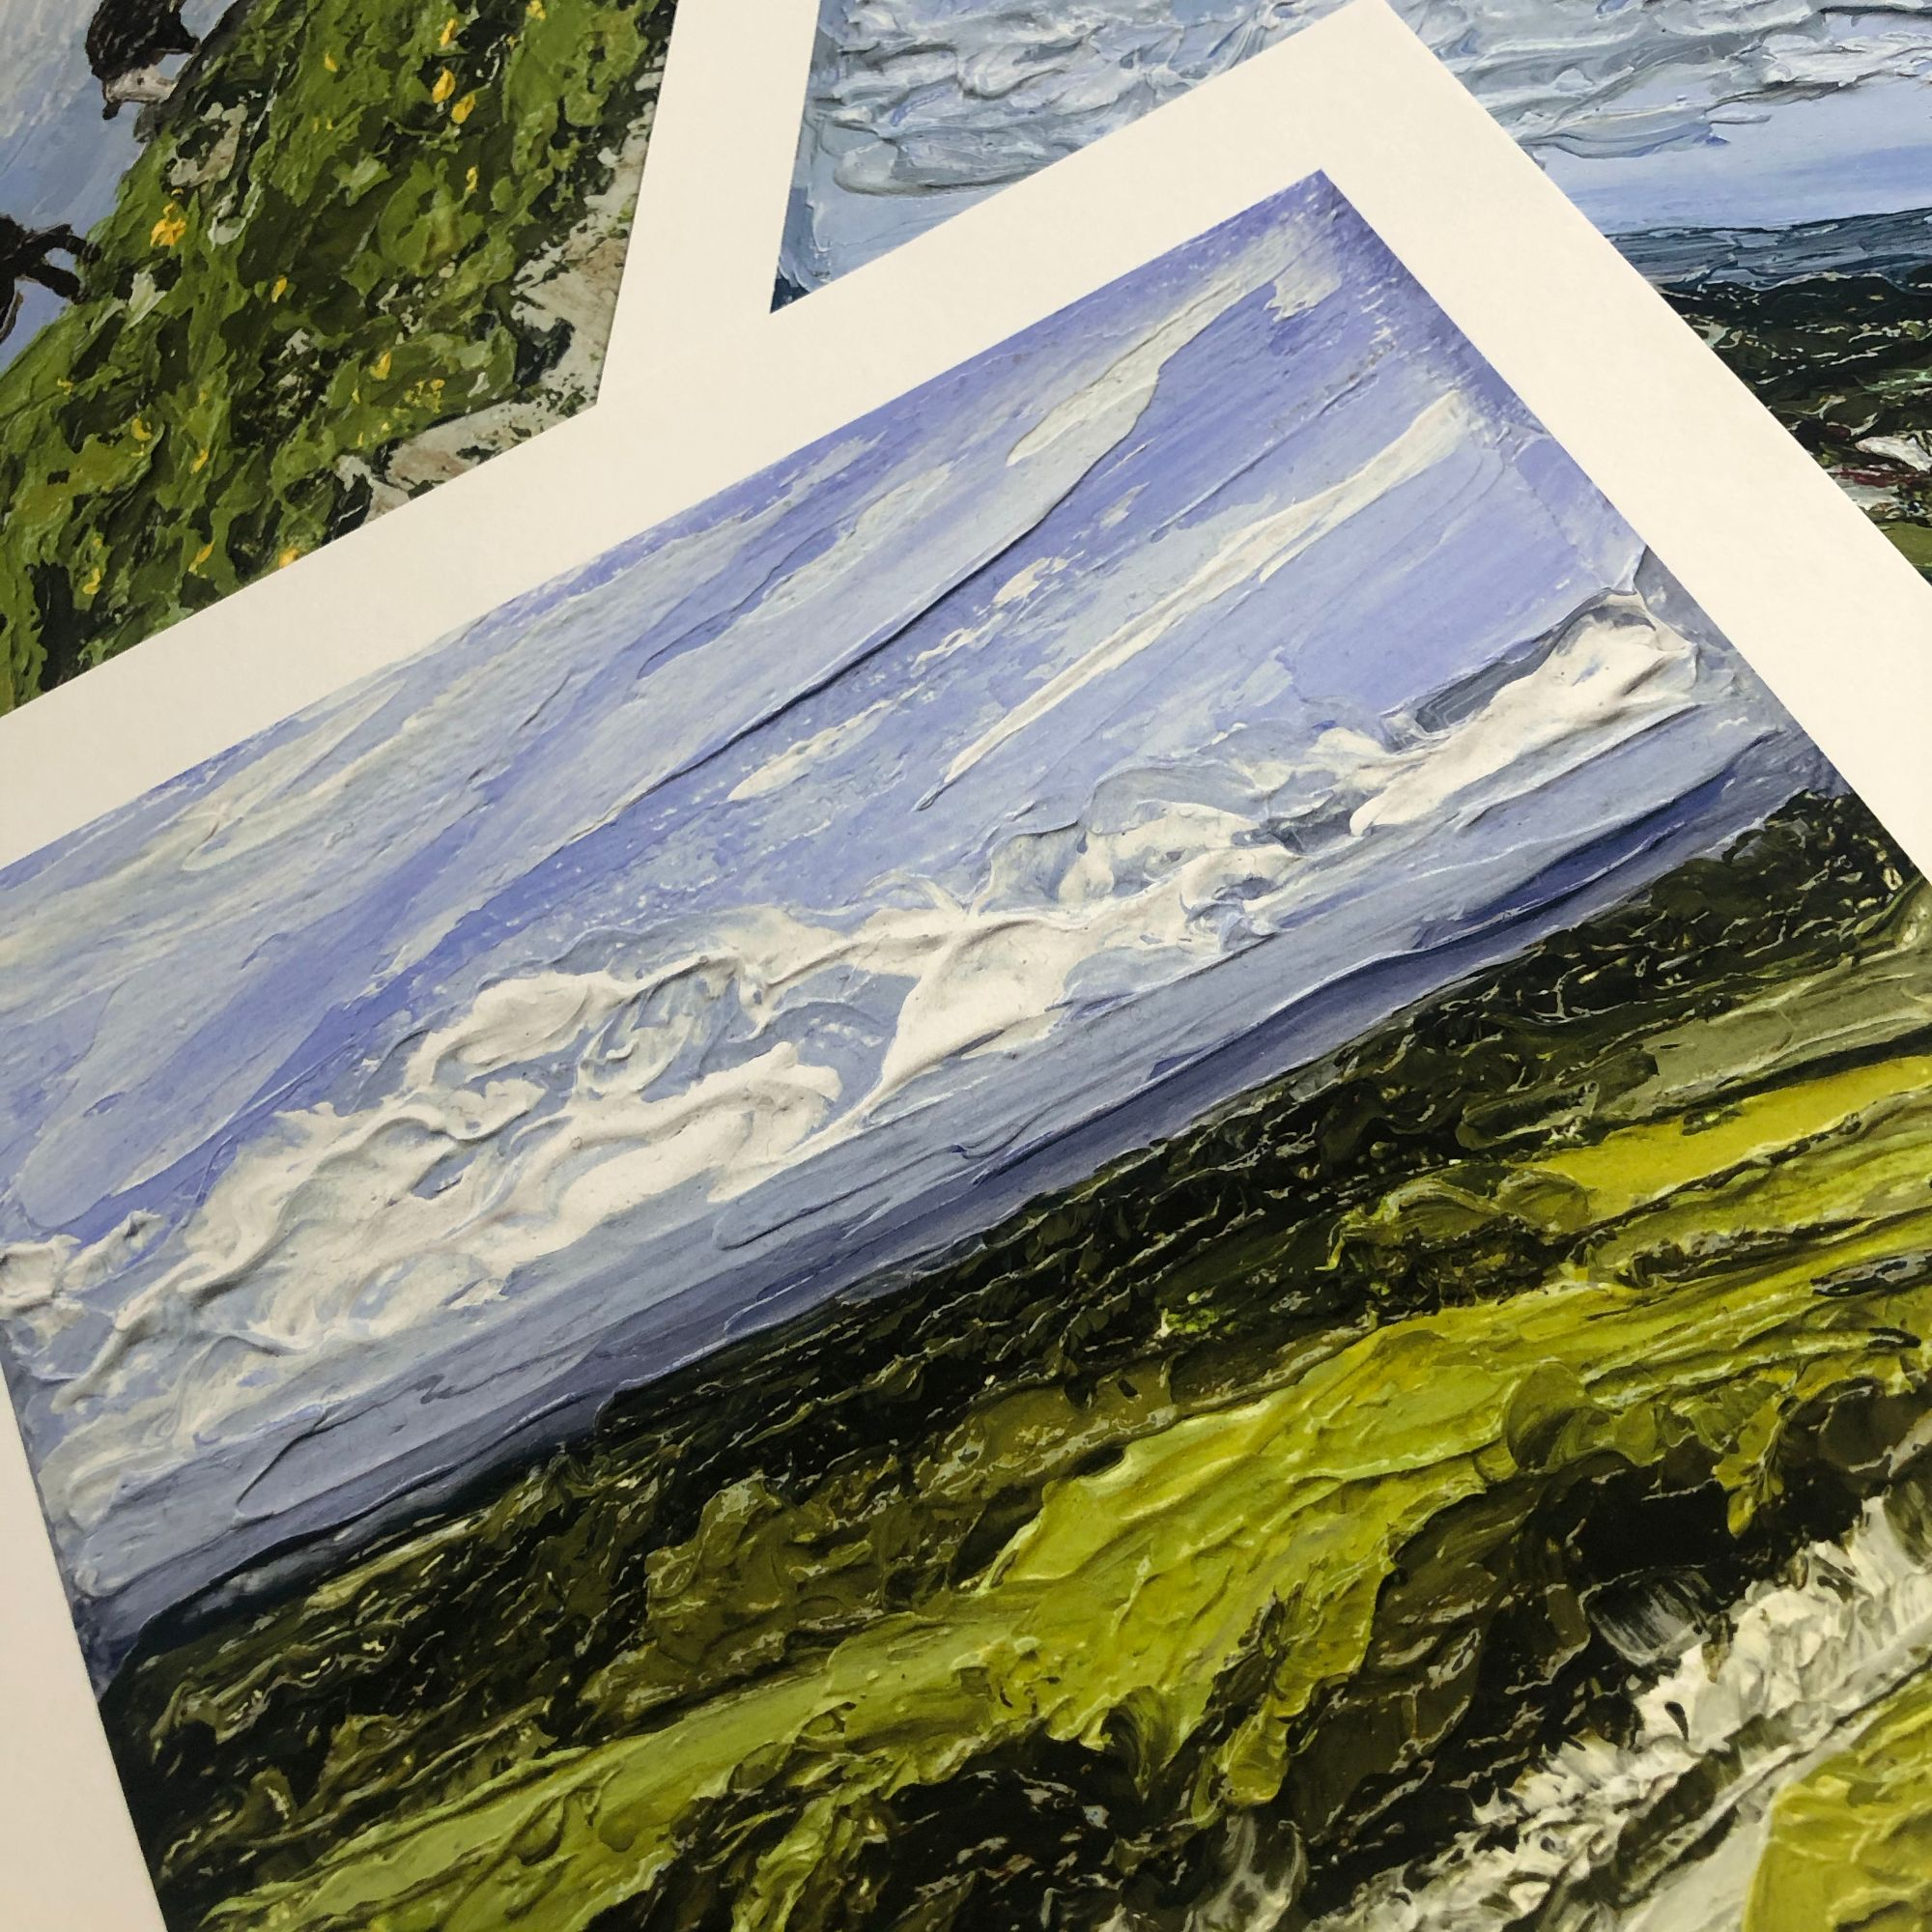 Cluster of landscape giclée prints of Sullington Hills